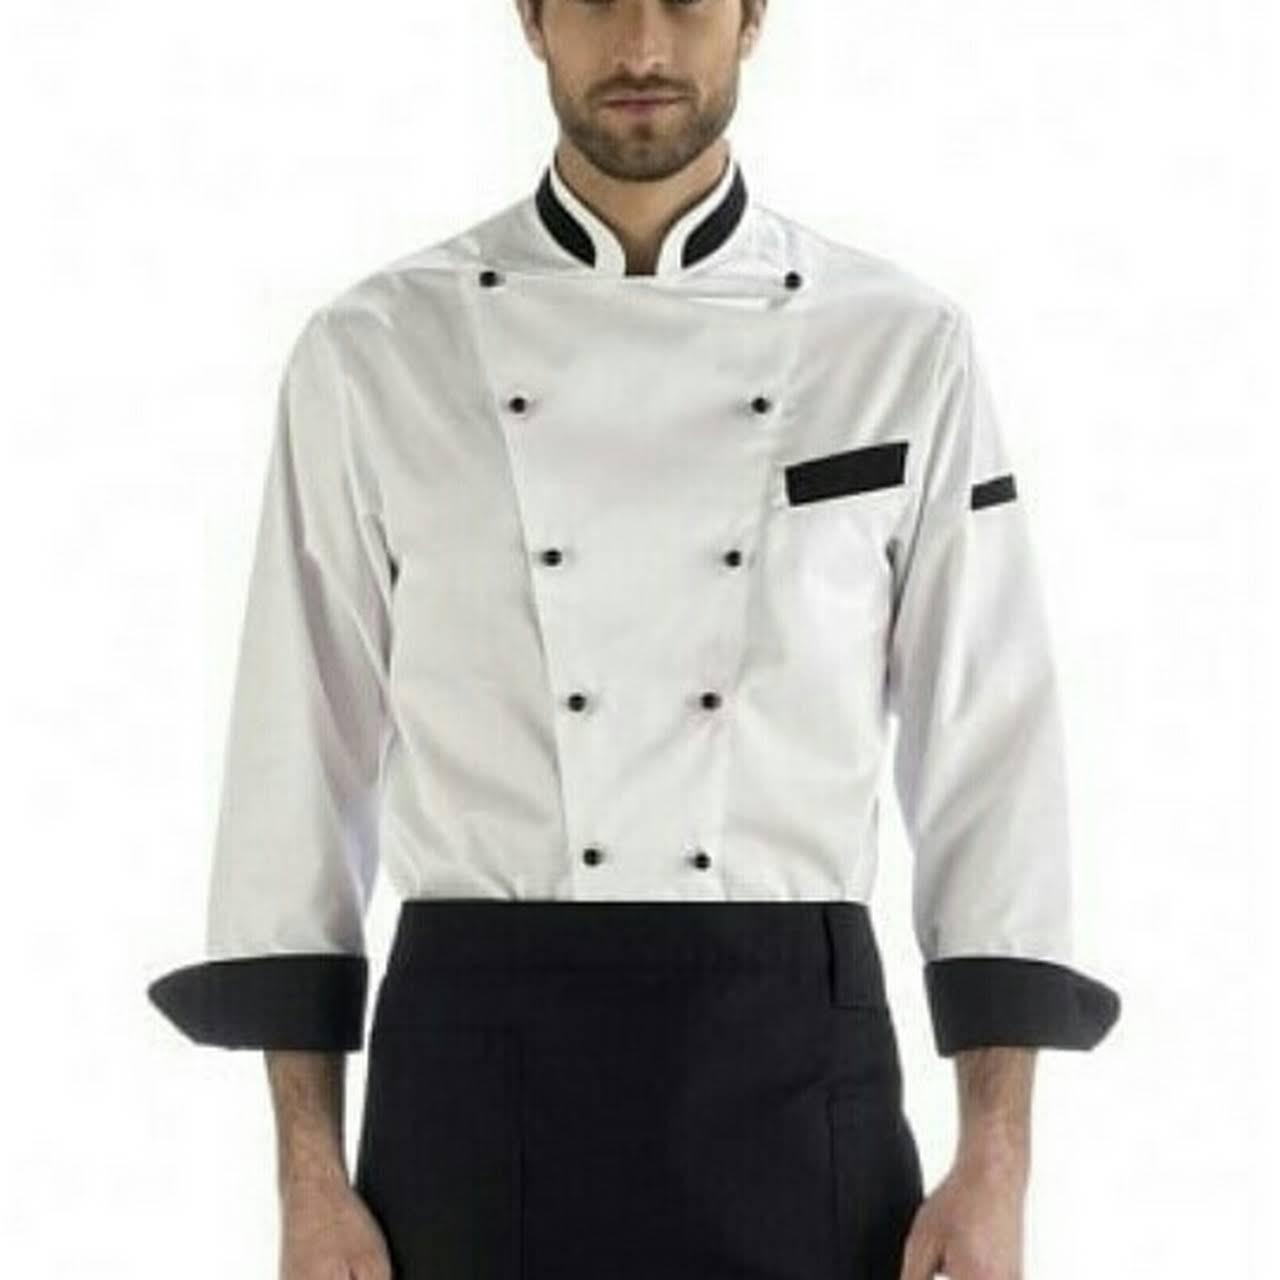 RISTOHOUSE Abbigliamento Professionale   Antinfortunistica - Negozio ... 43e885a16e13